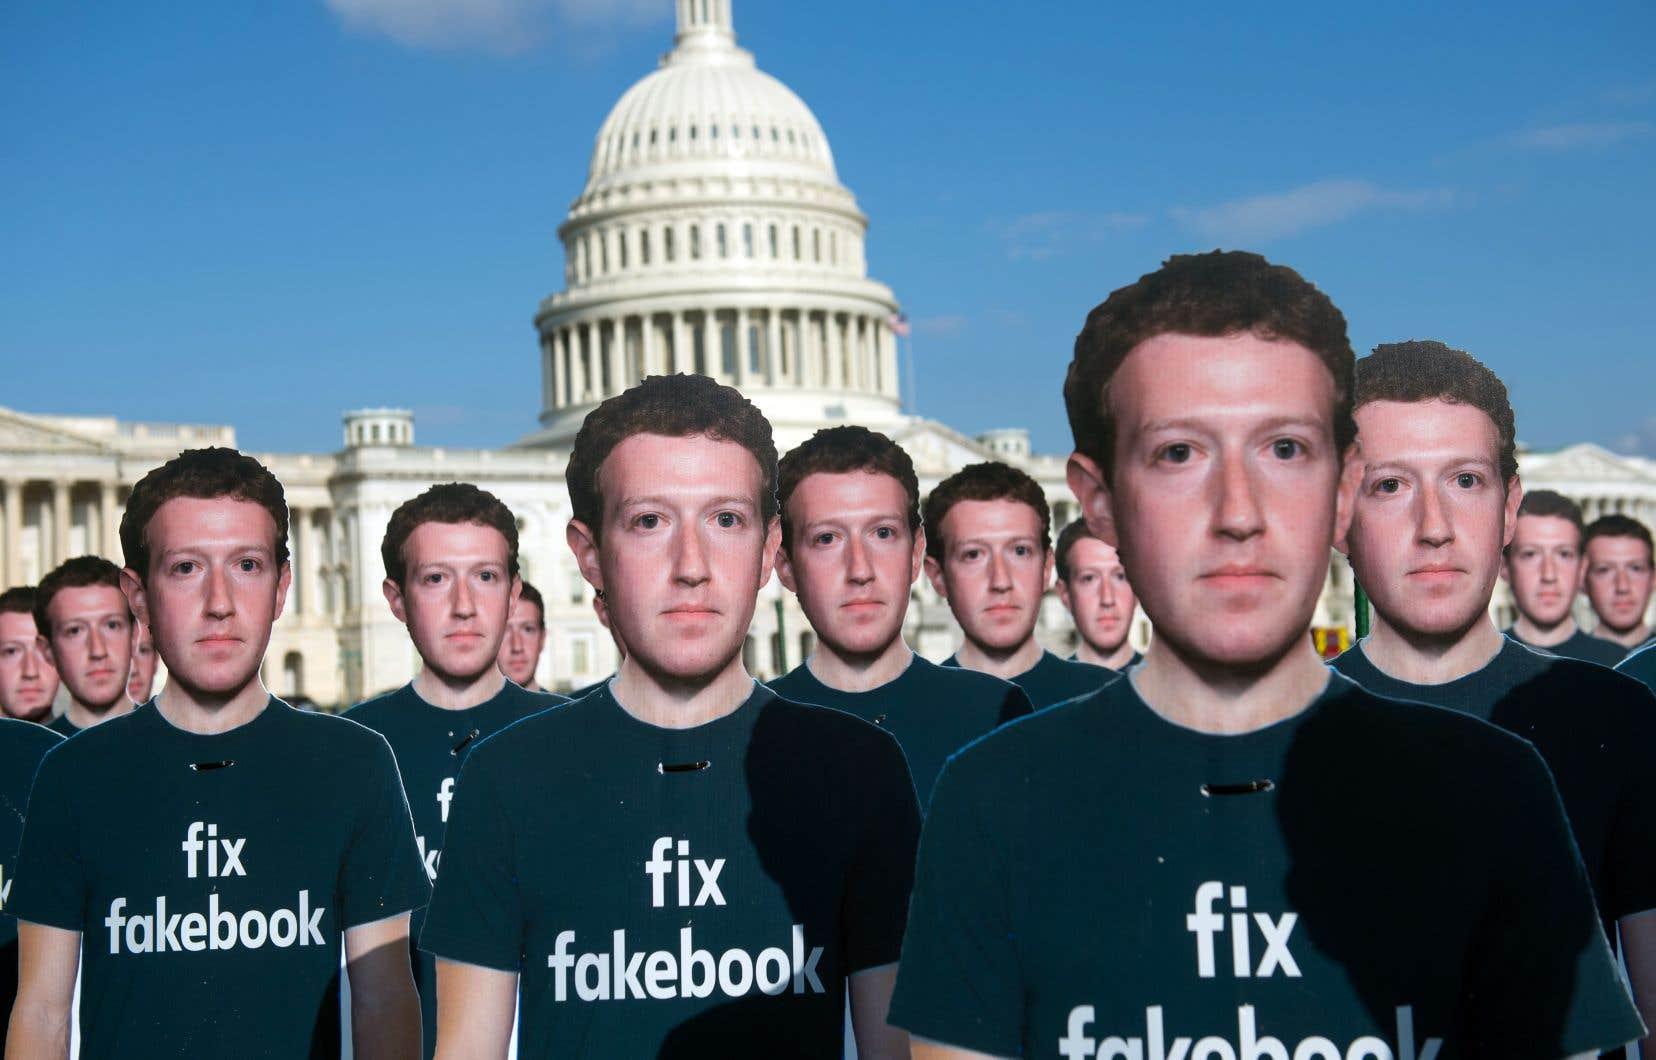 Une centaine de découpes en carton du p.-d.g. de Facebook, Mark Zuckerberg, ont été placées devant le Capitole, à Washington, mardi.